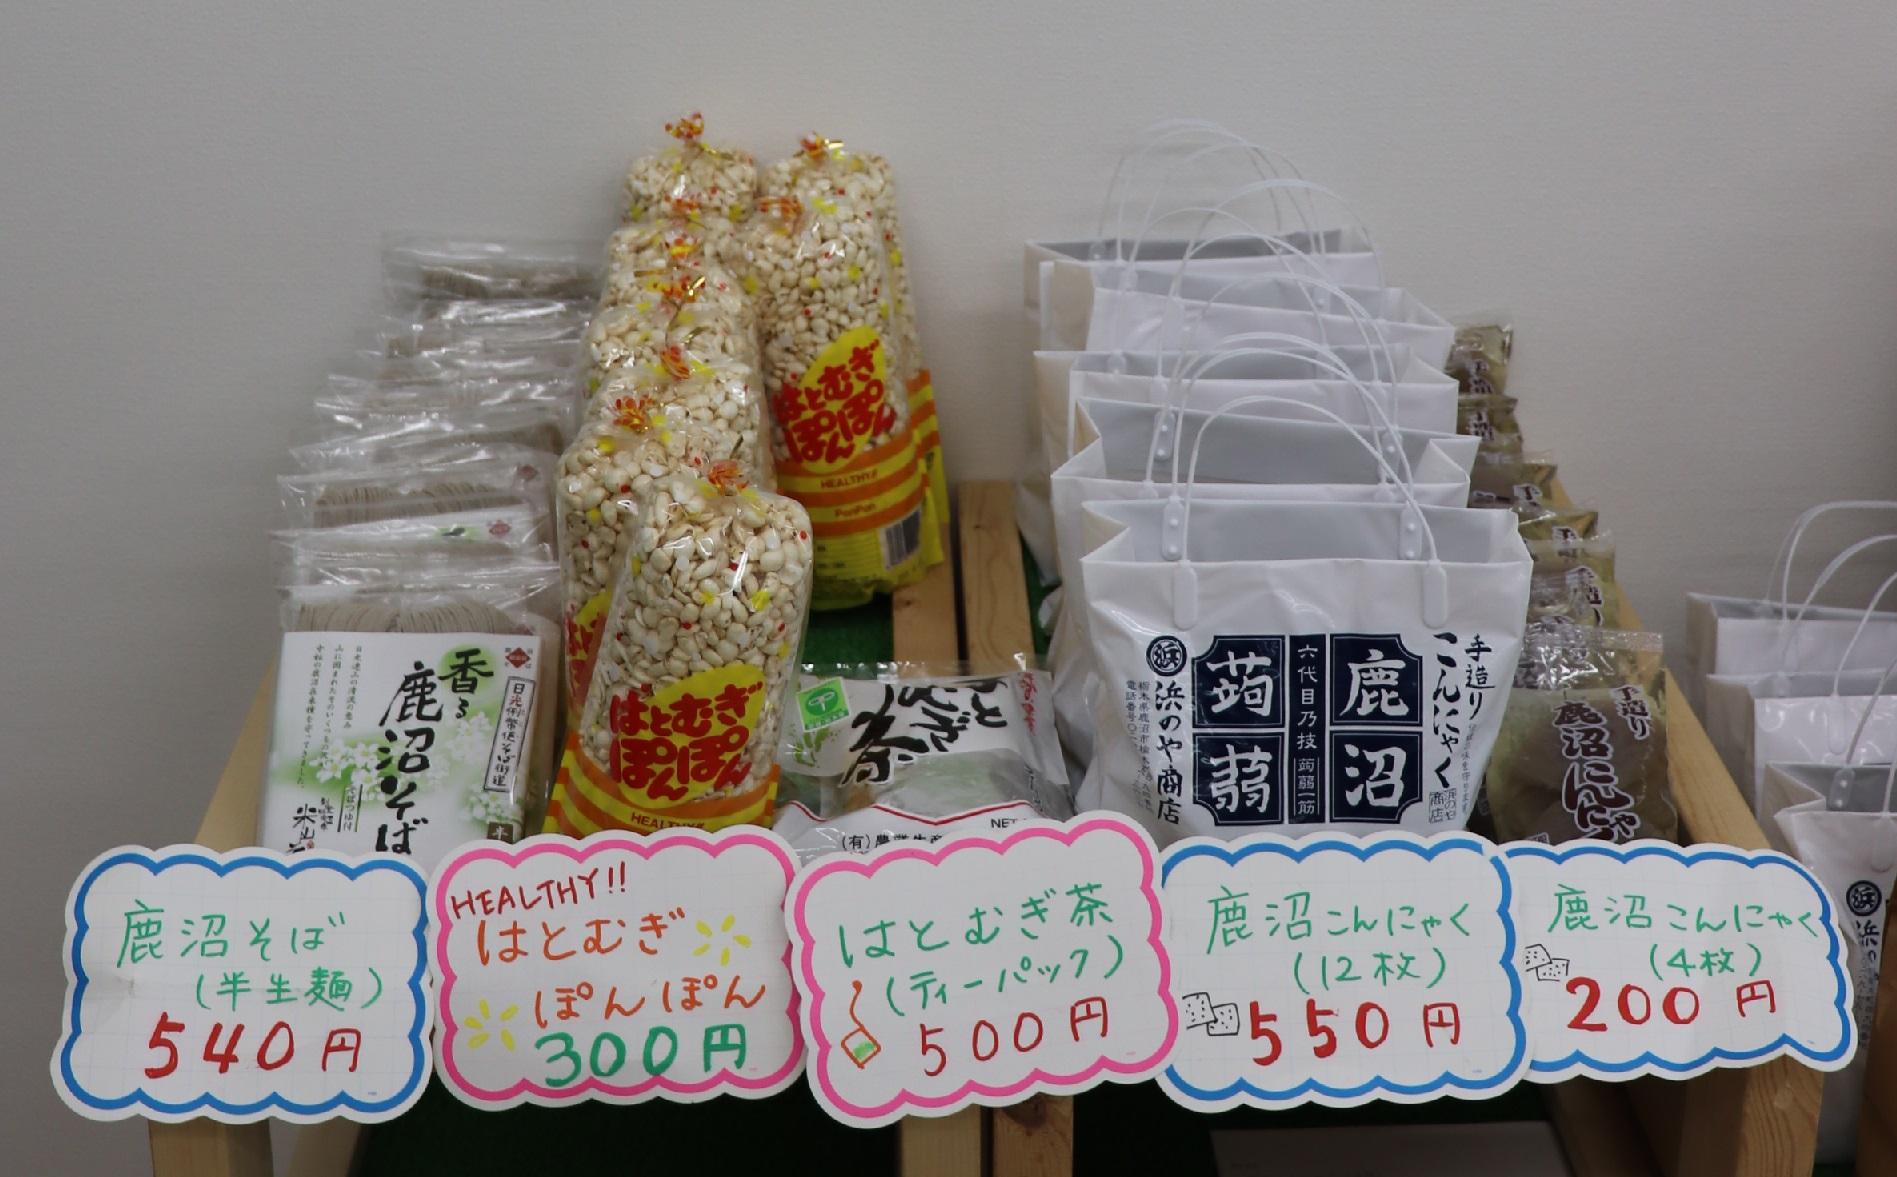 栃木県鹿沼市物産品